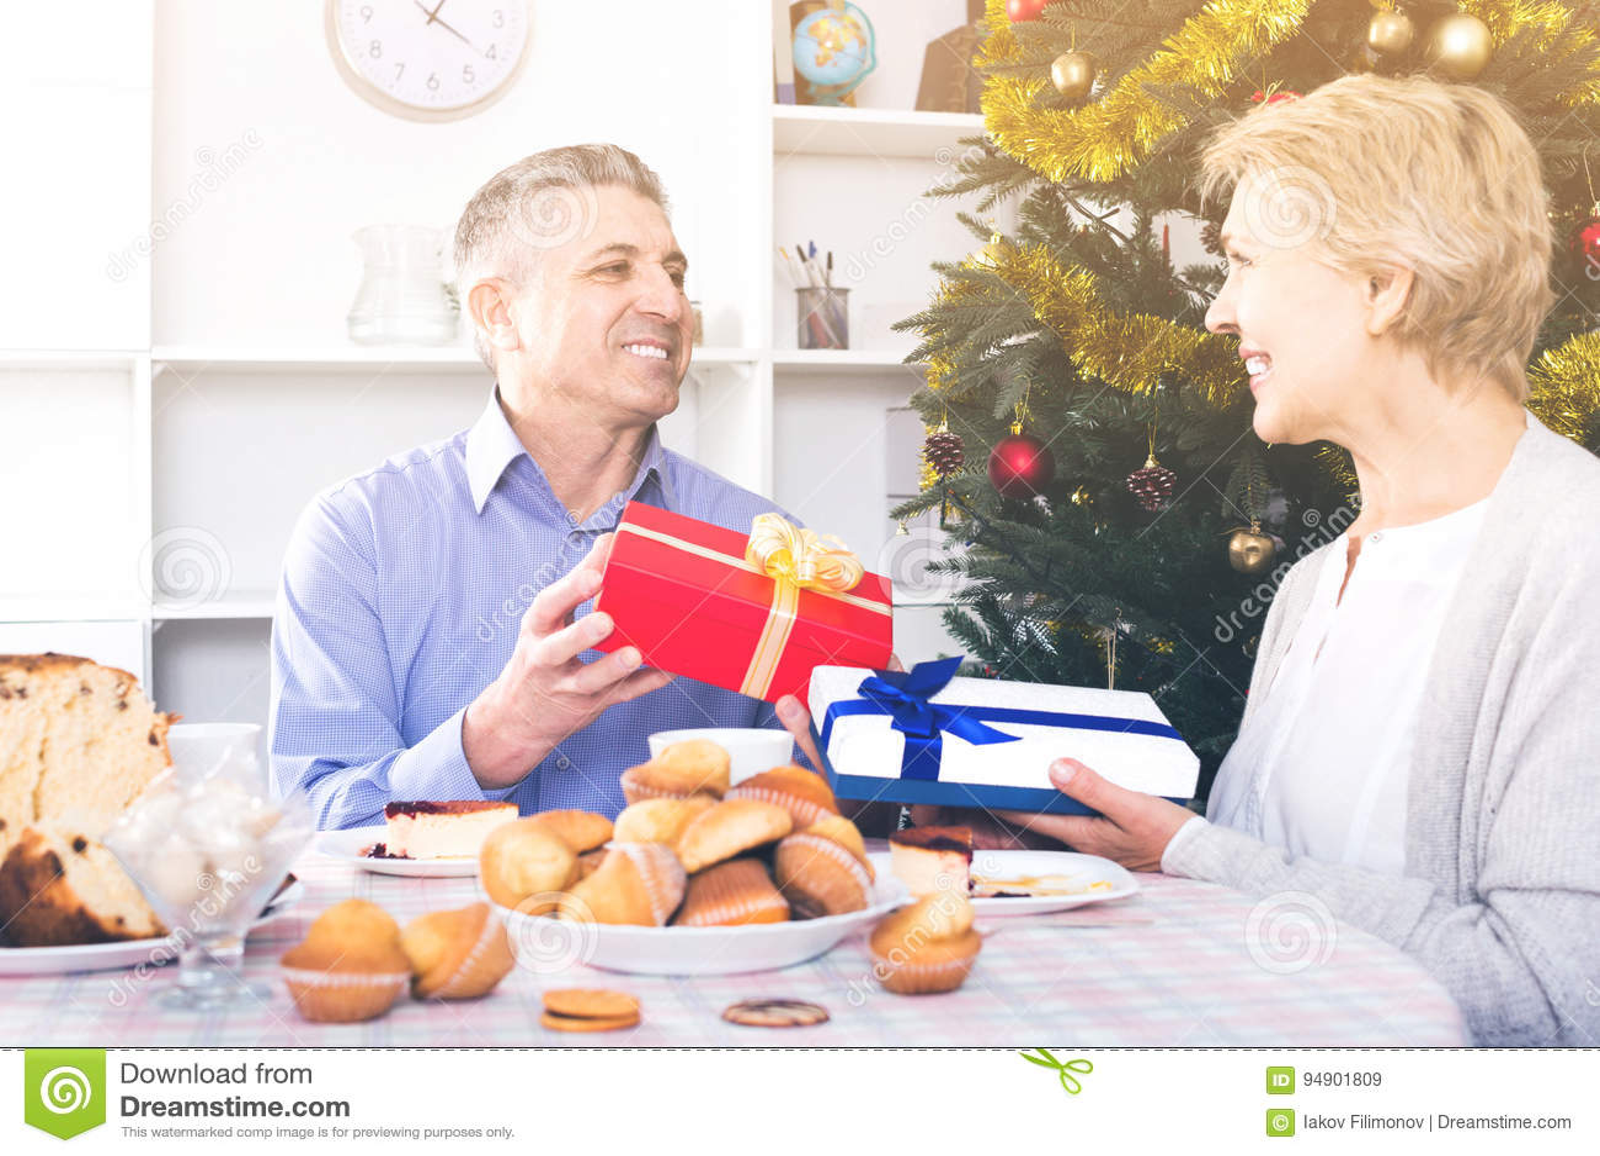 Regali Di Natale Per Moglie.Il Marito E La Moglie Scambiano I Regali Di Festa Per Il Natale Ed